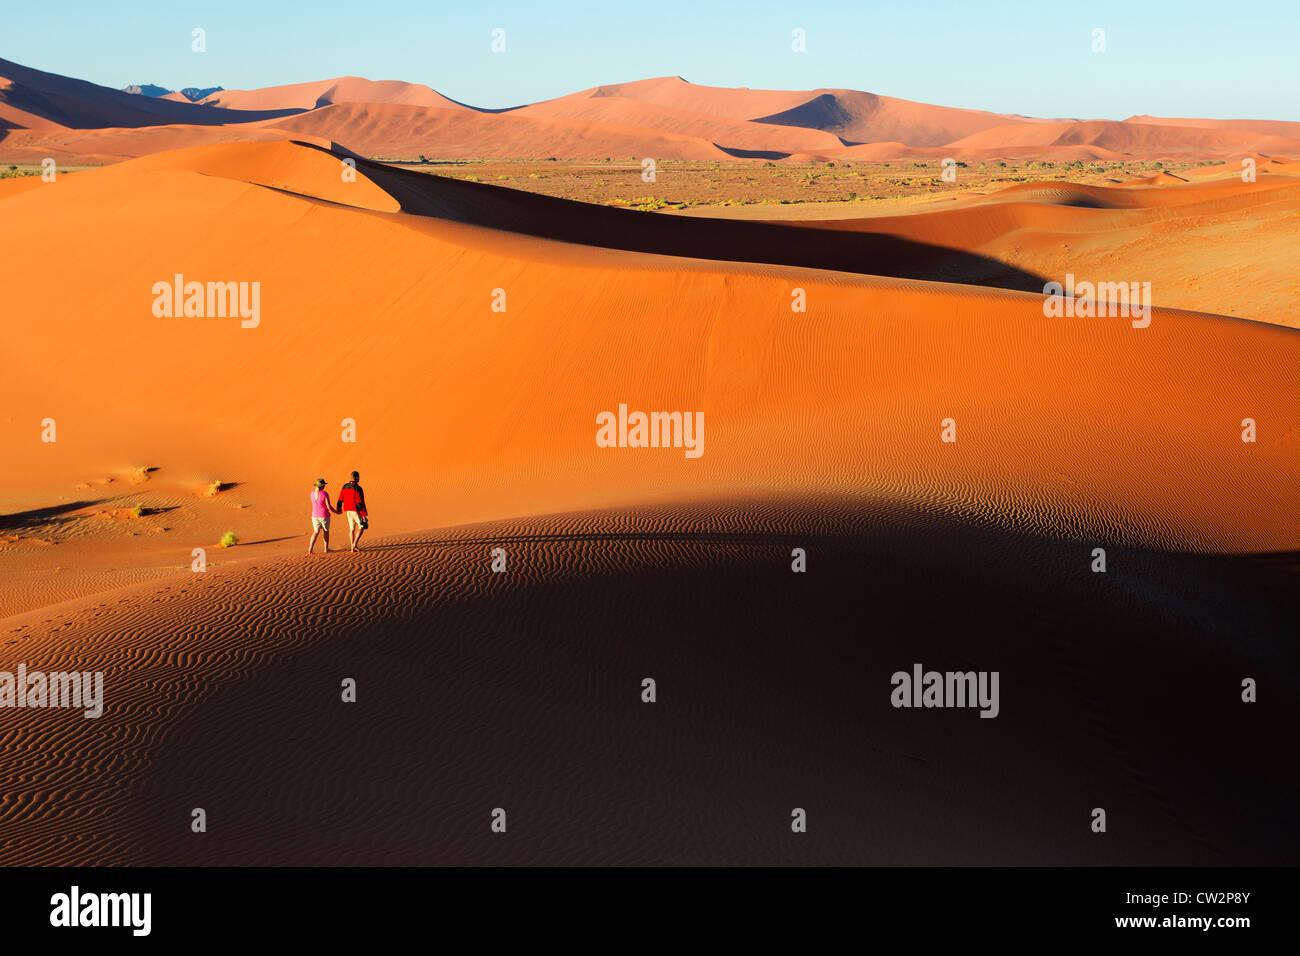 Giovane camminando lungo il bordo di dune di sabbia,Soussvlei,Namibia. Immagini Stock